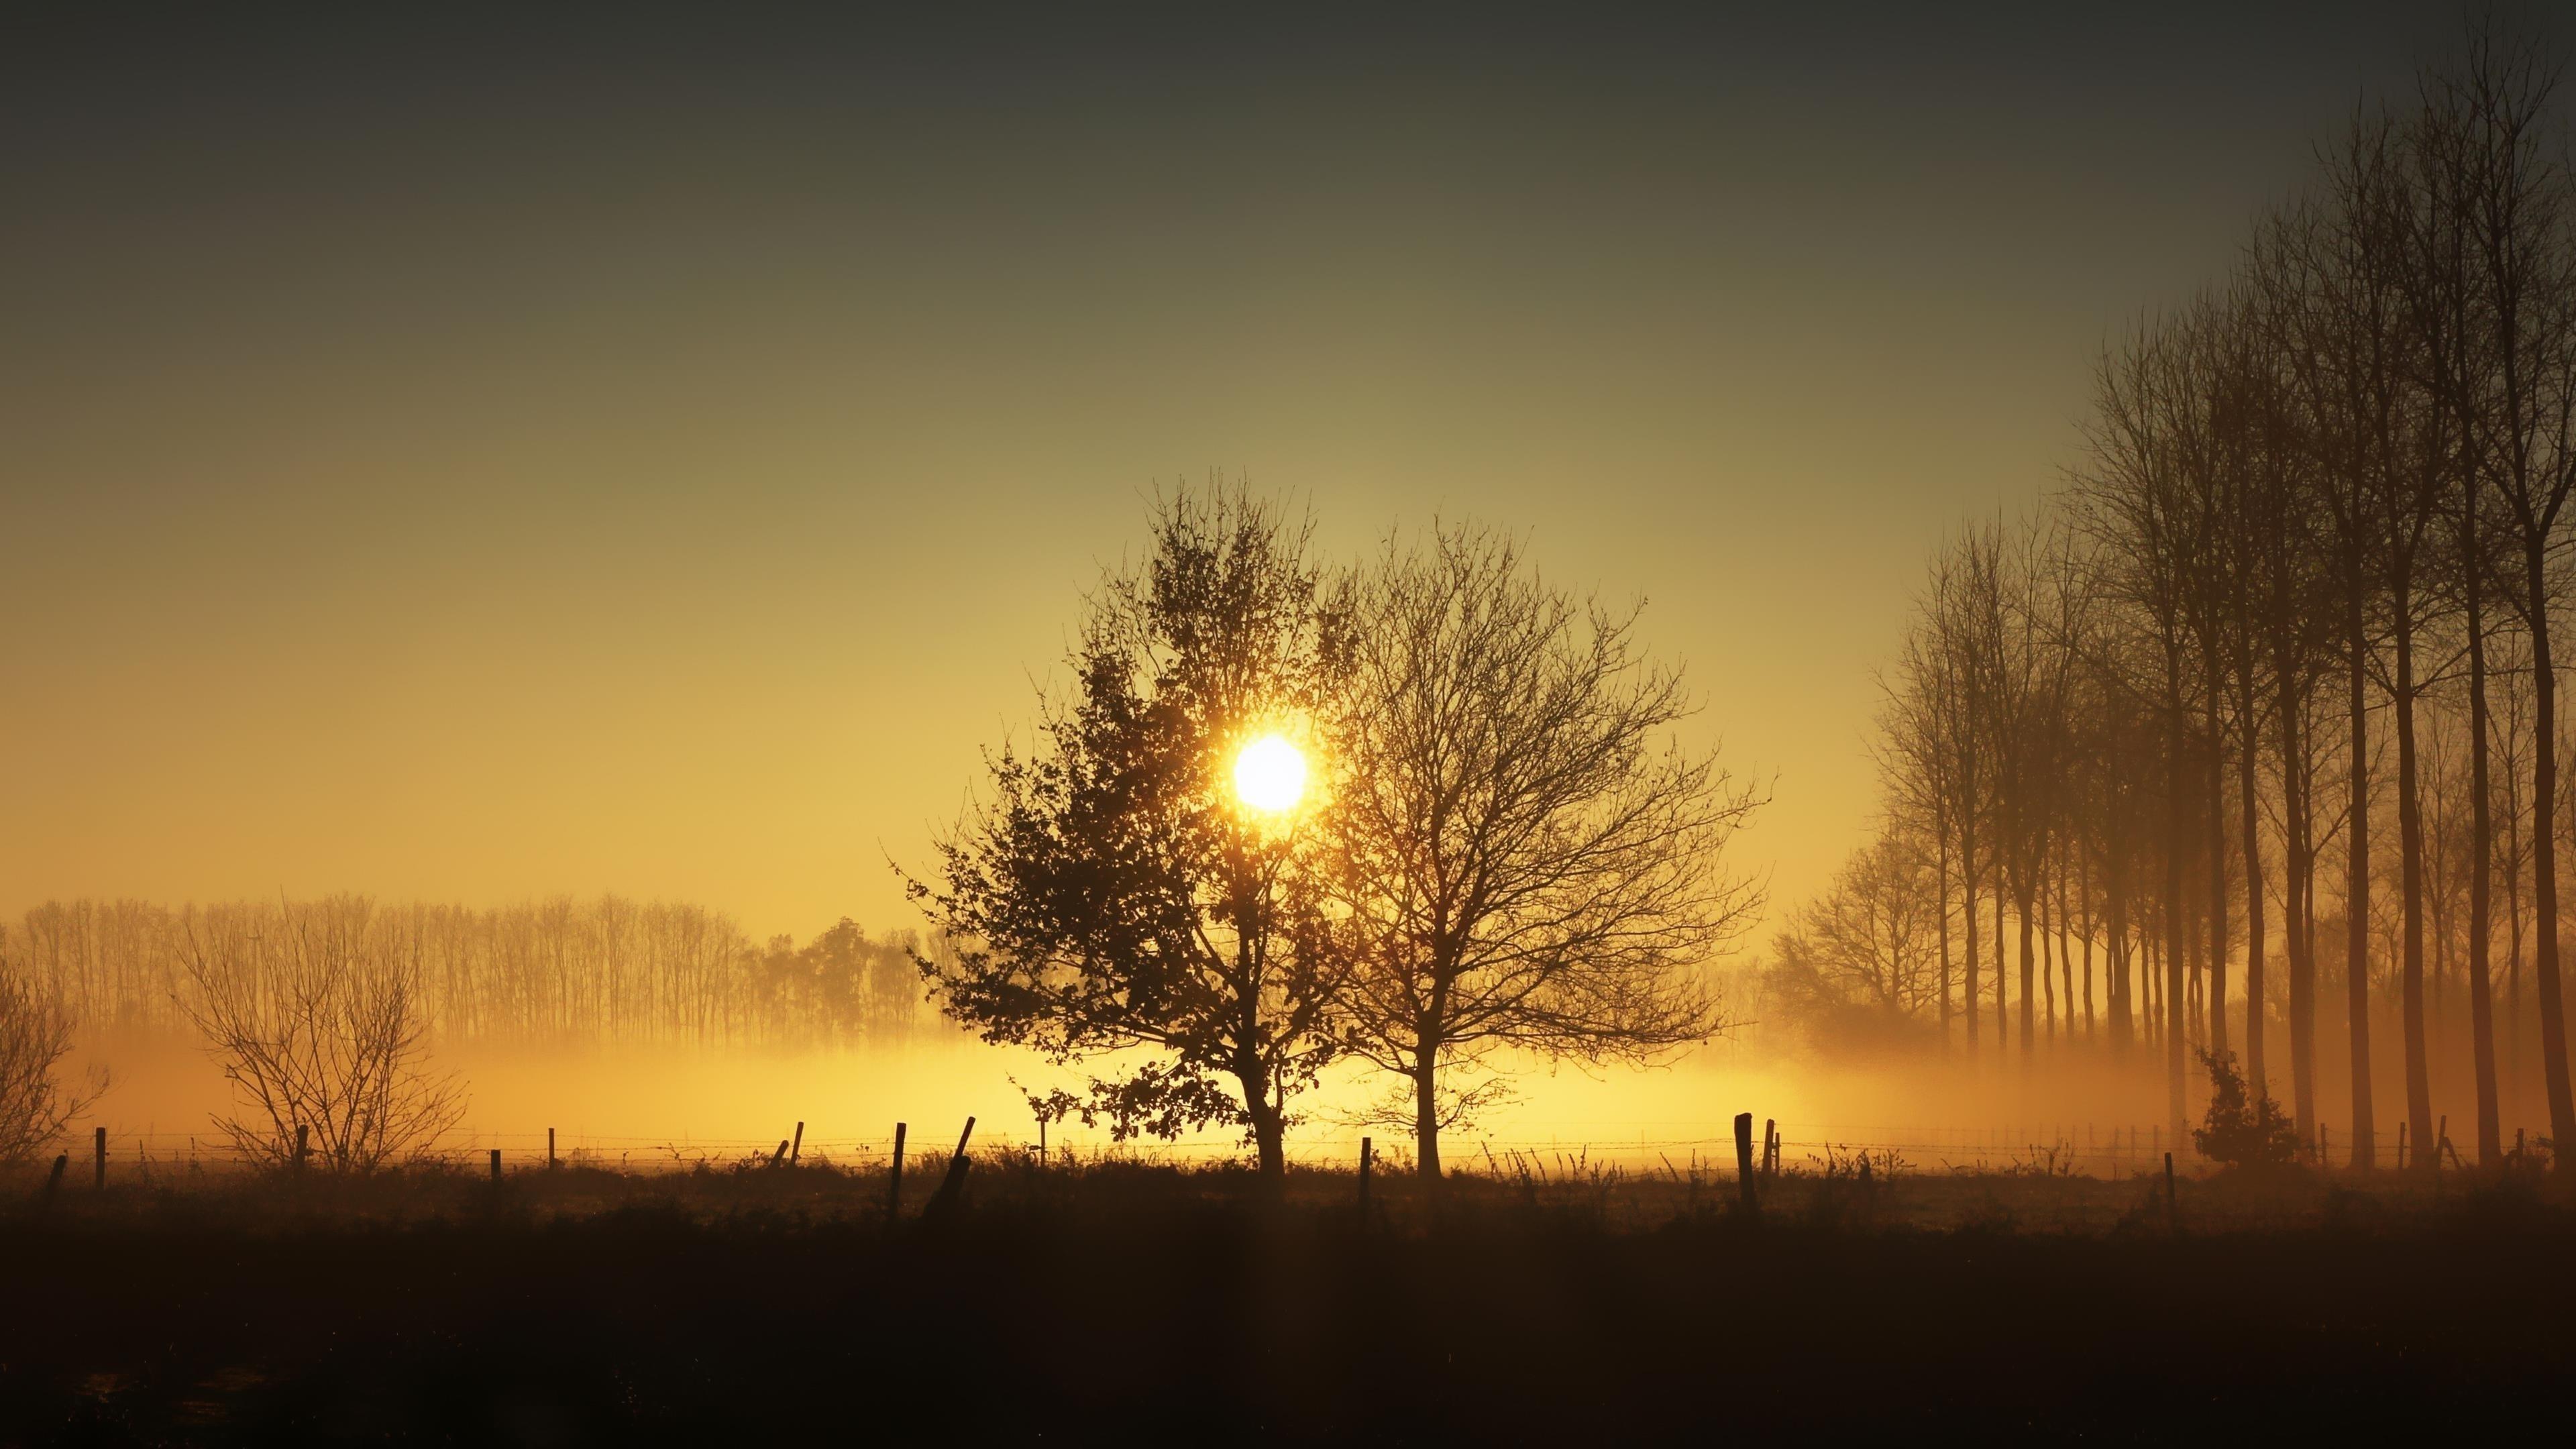 Солнечный свет, проходящий через сухие деревья во время заката солнца природа обои скачать